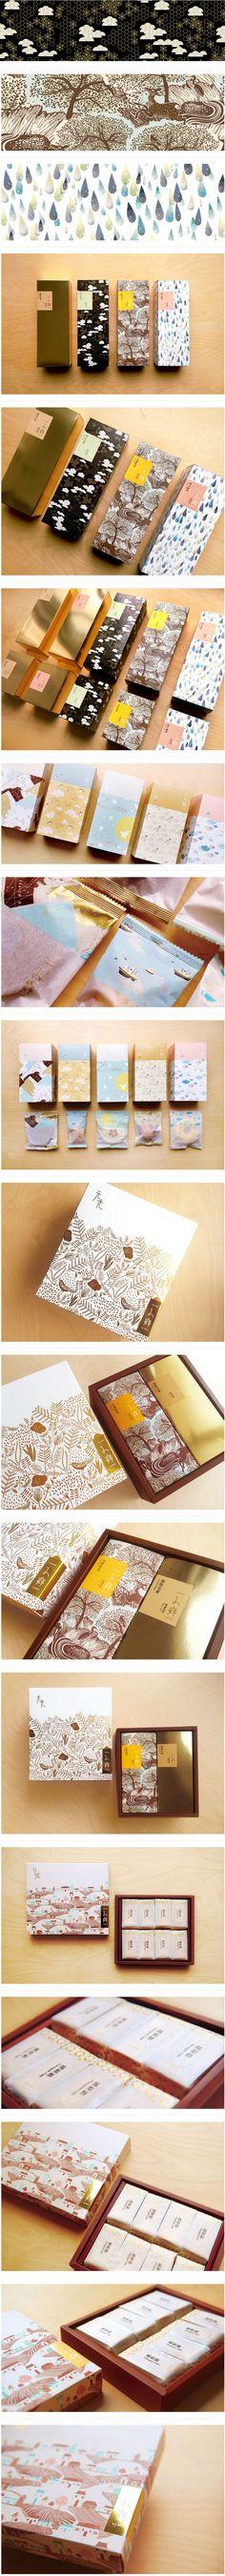 E-g-sain台湾一之乡品牌设计 非常...